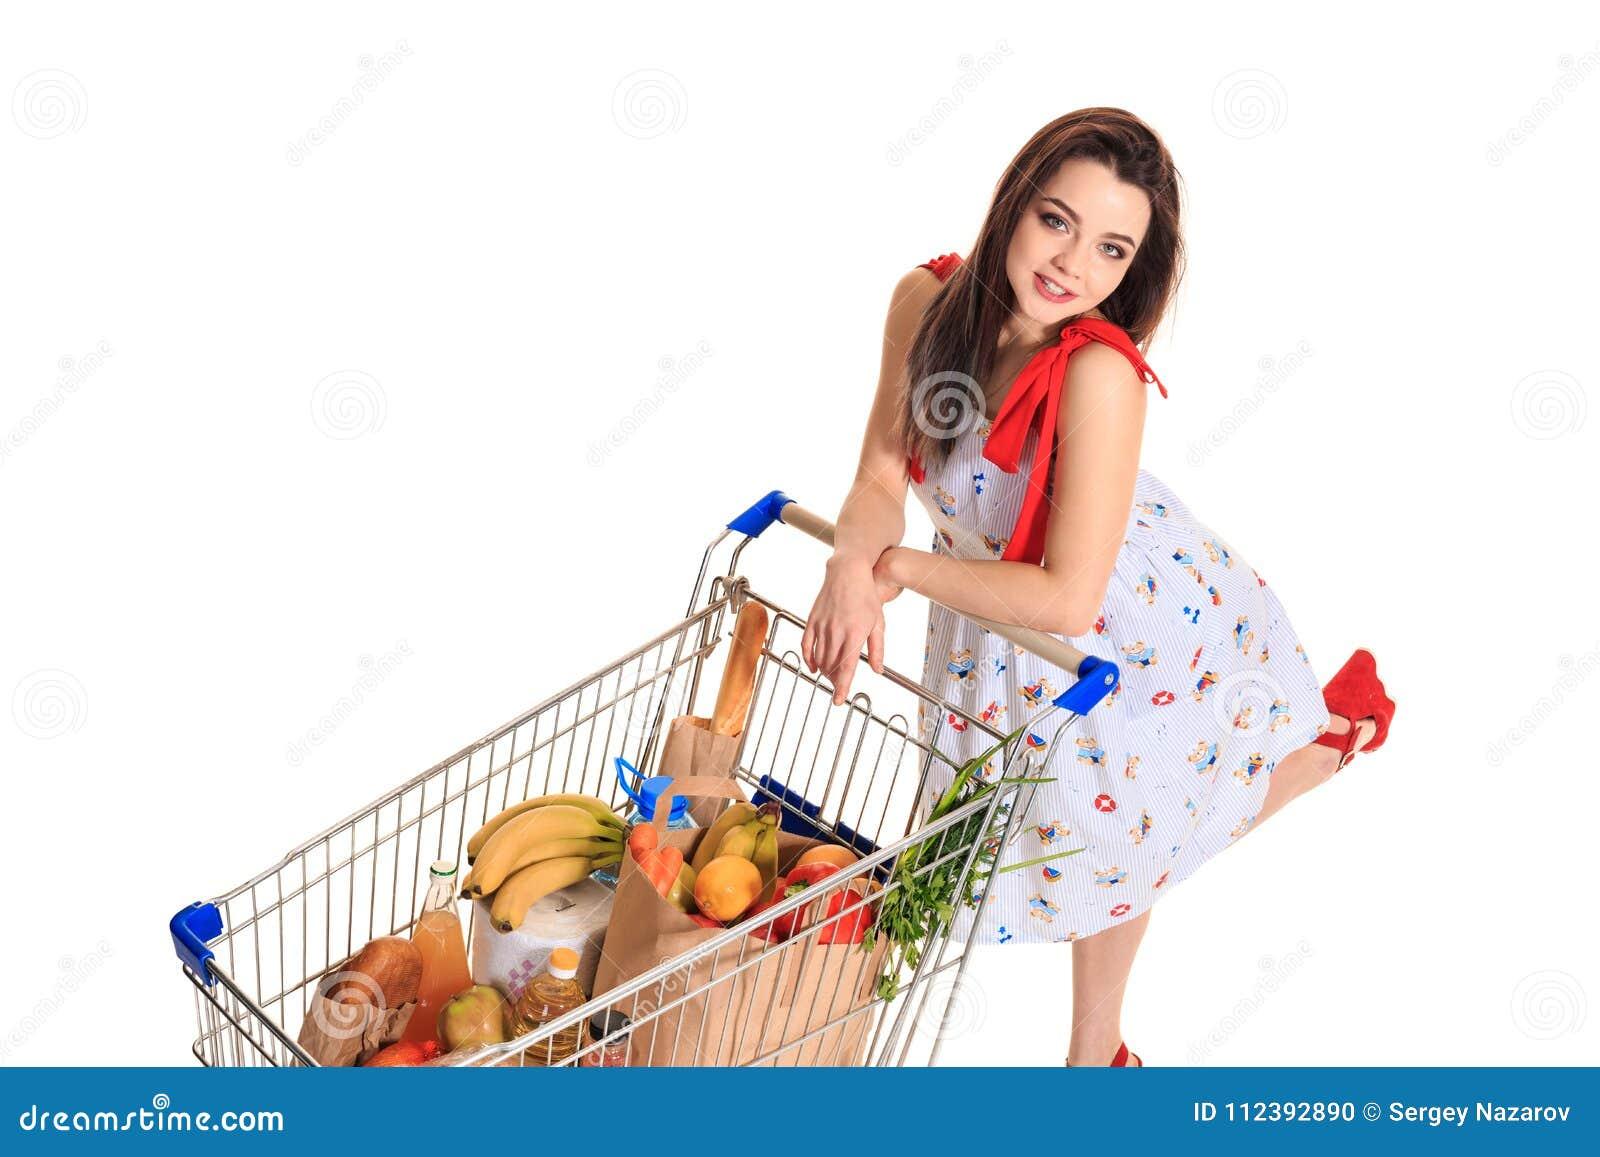 Opinião de ângulo alto a menina que sorri na câmera ao empurrar um carrinho de compras completamente com os mantimentos isolados